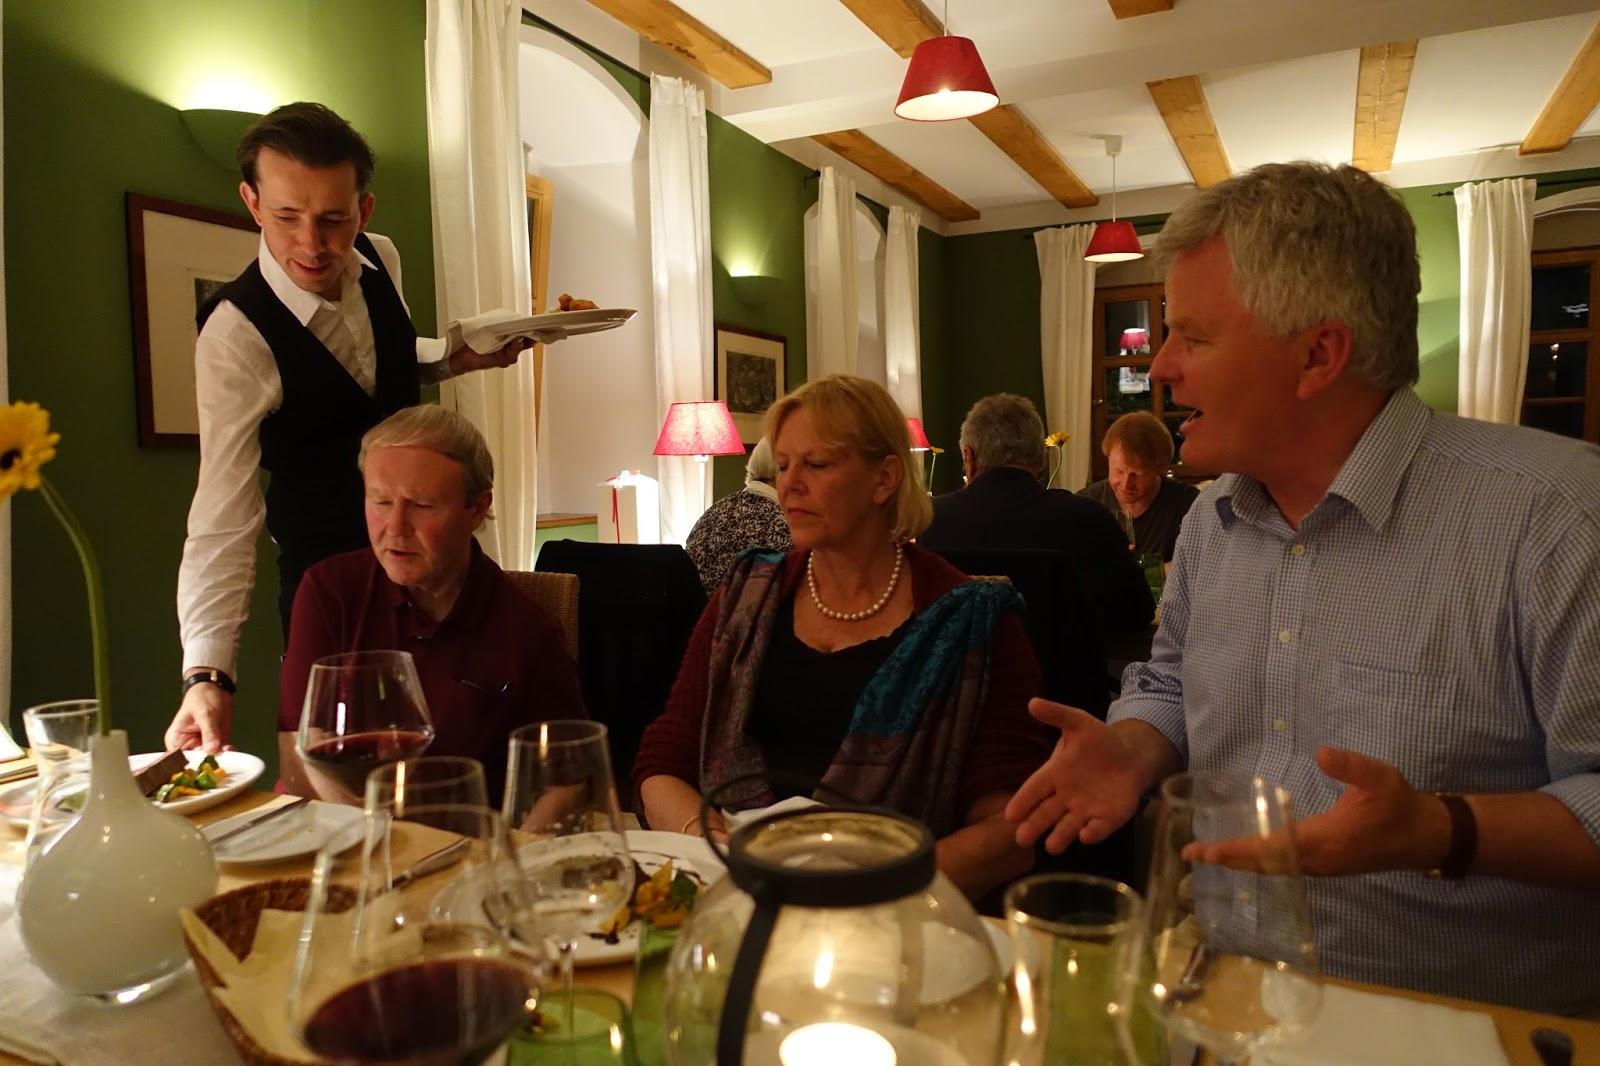 Proschwitz Weihnachtsmarkt.Schiller Wine Dining With Prinz Zur Lippe Owner Of Weingut Schloss